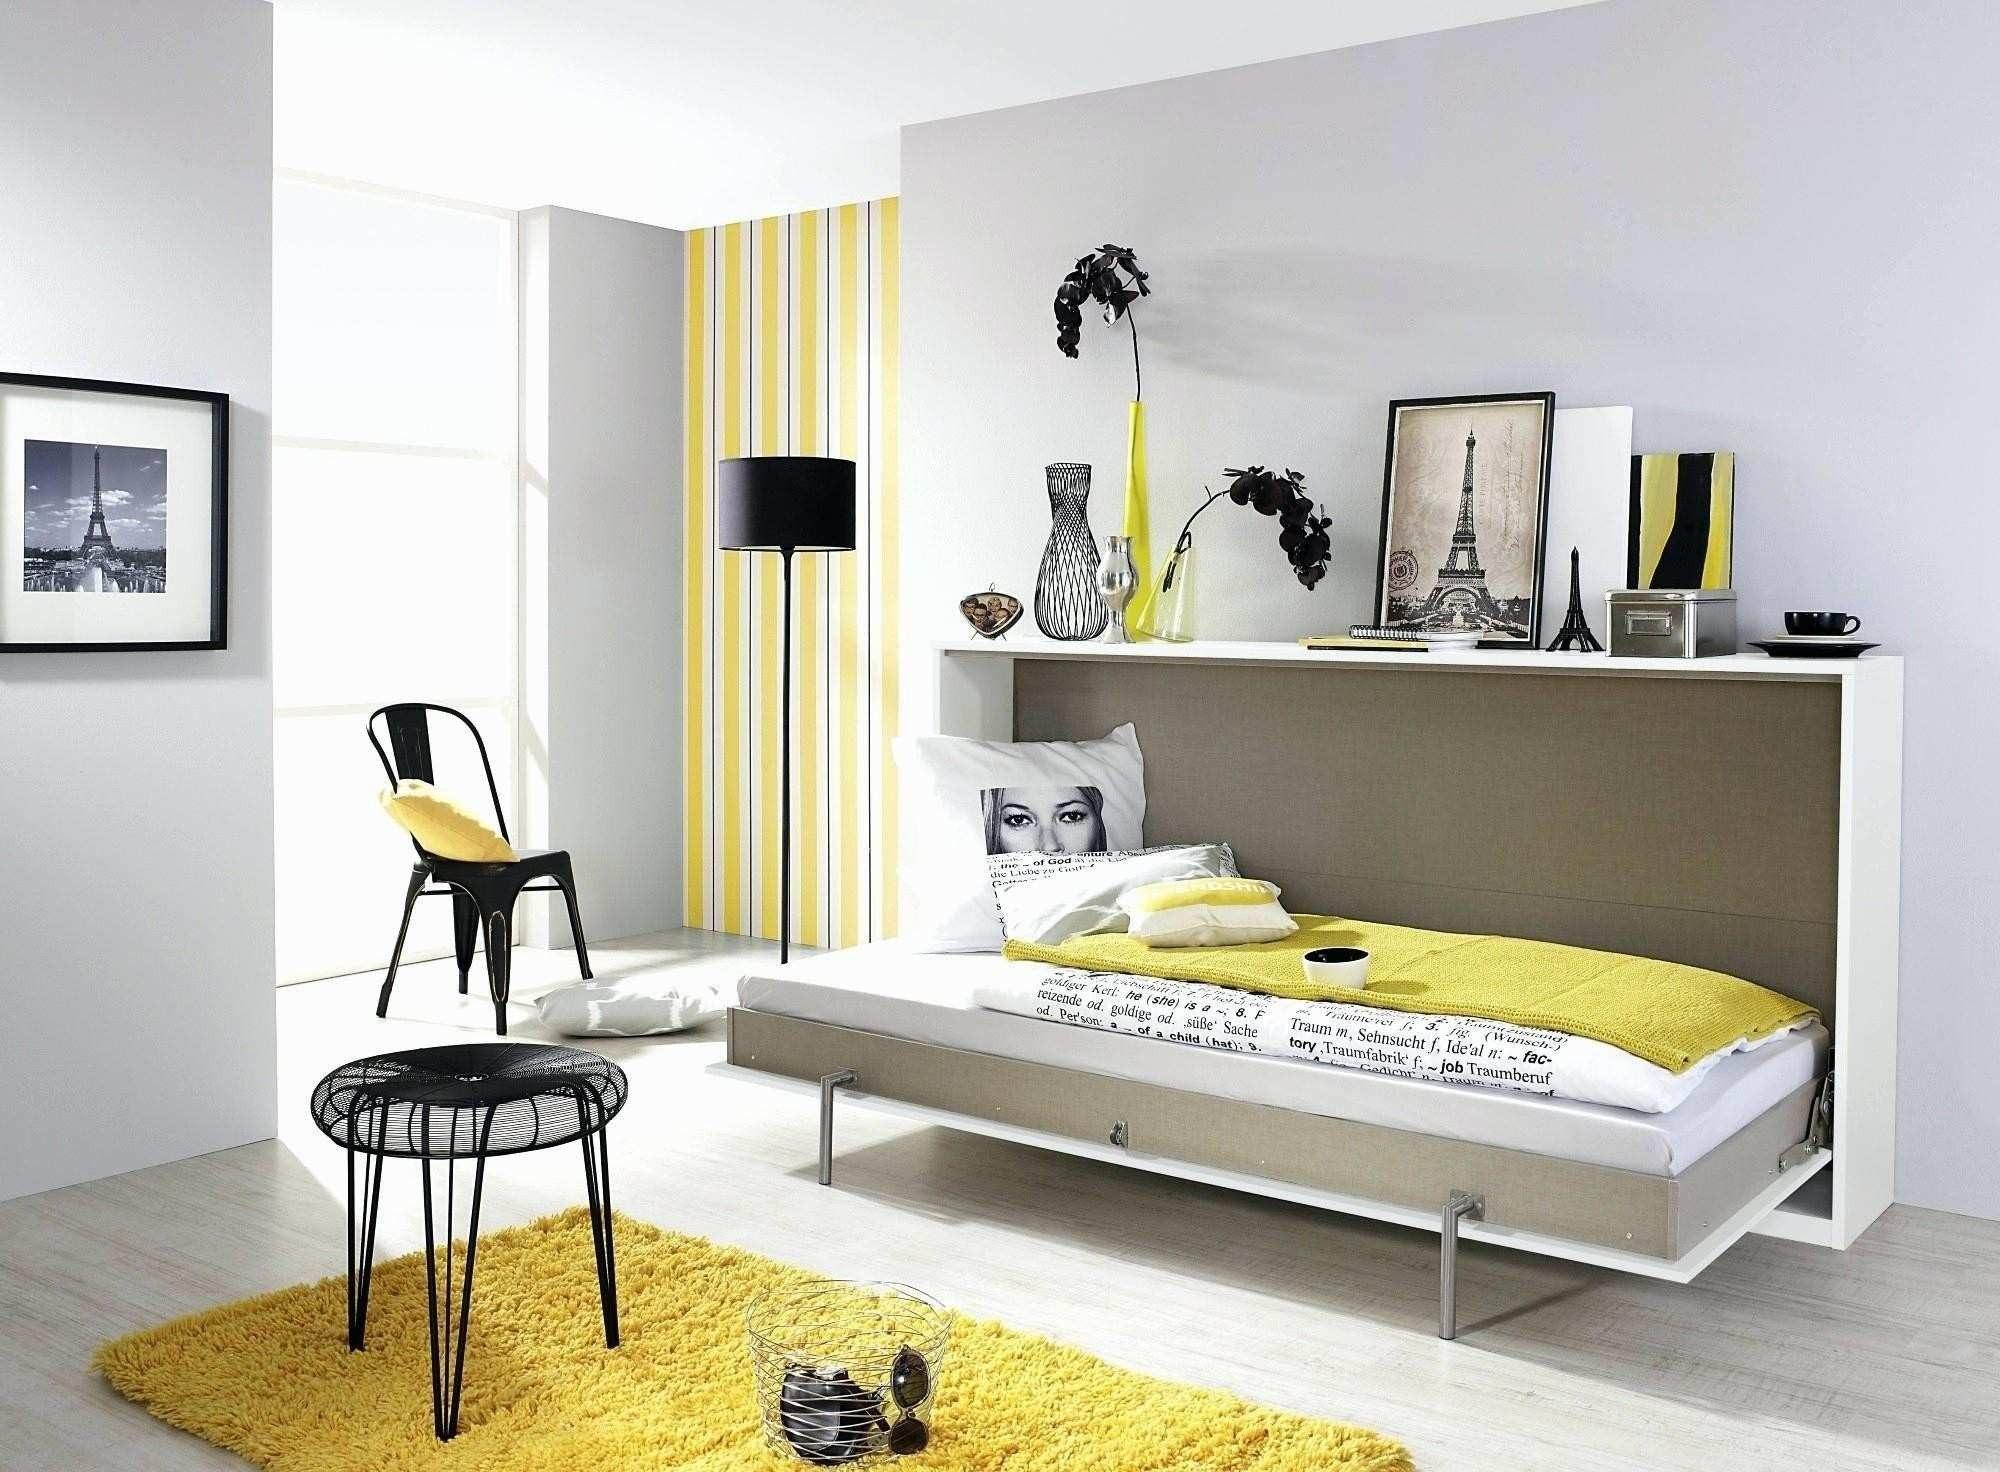 Lit Mezzanine 2 Places Ikea De Luxe Belle Lit Armoire Escamotable Ikea Sur Lit Convertible 2 Places Ikea